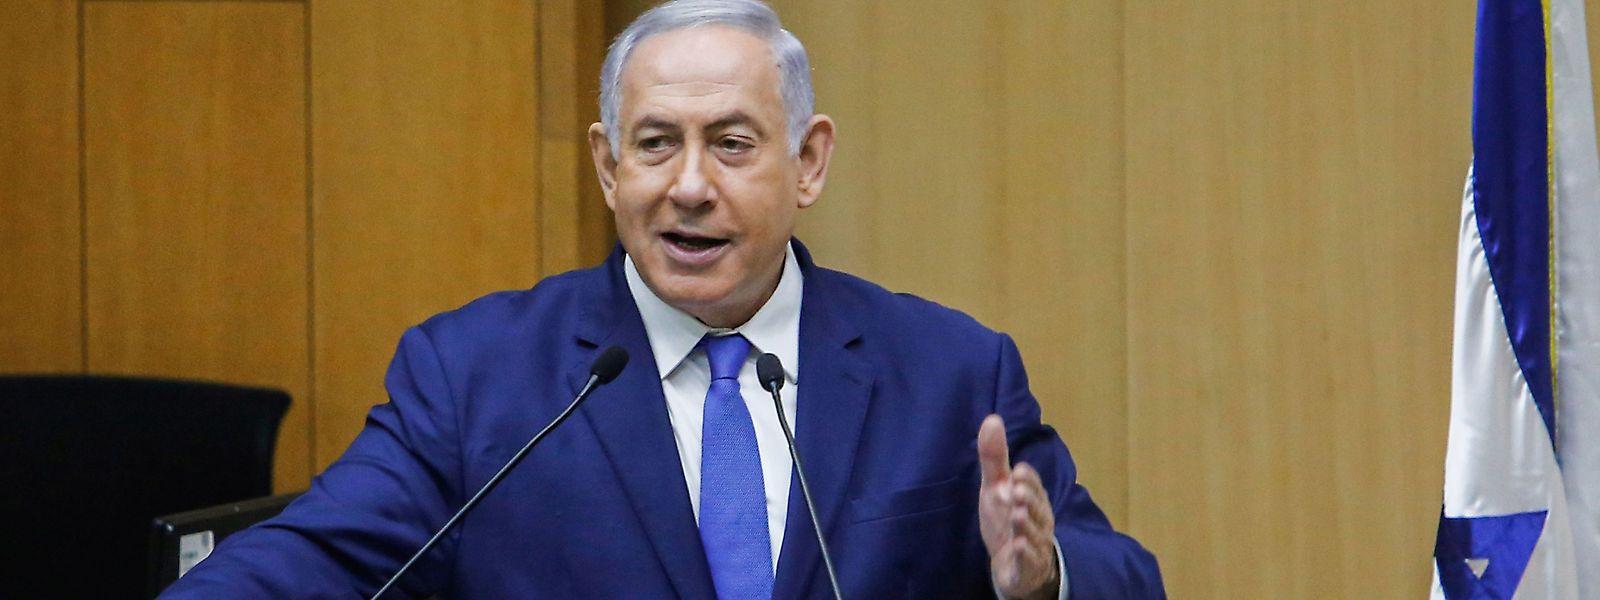 Le Premier ministre Benjamin Netanyahu a maintenu ses propos devant le parlement israélien ce mercredi.